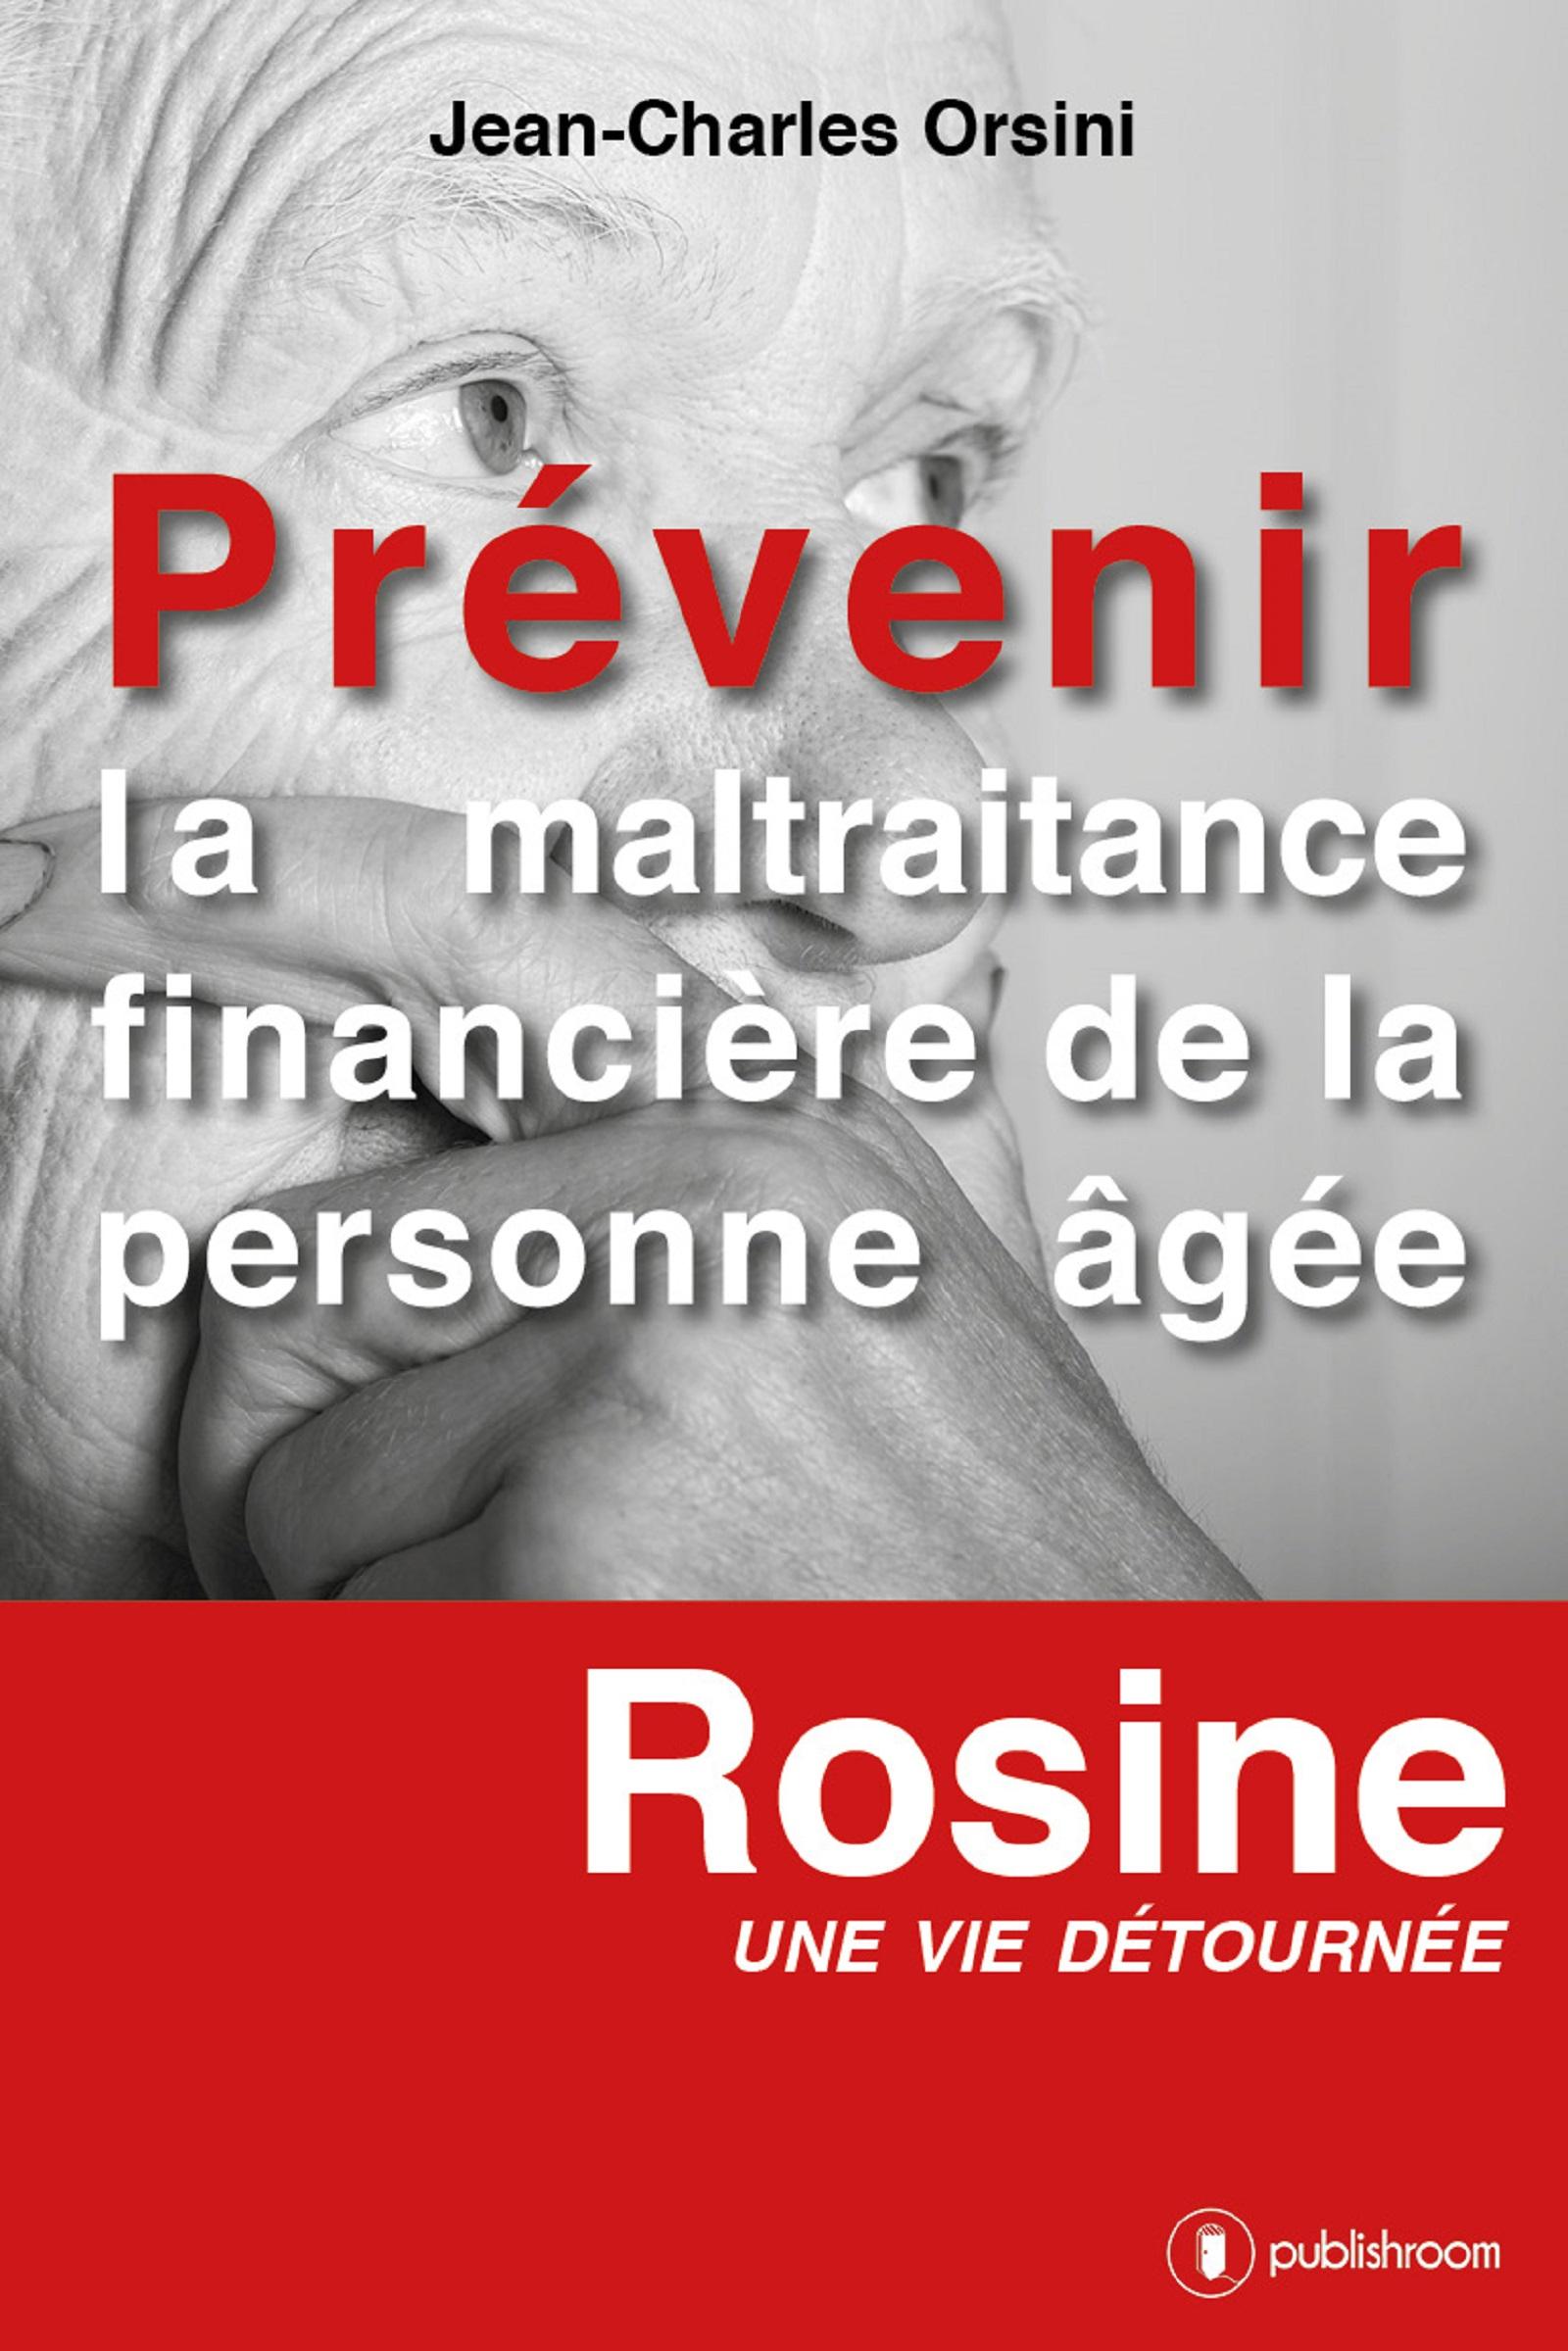 Prévenir la maltraitance financière de la personne âgée, Rosine, une vie détournée